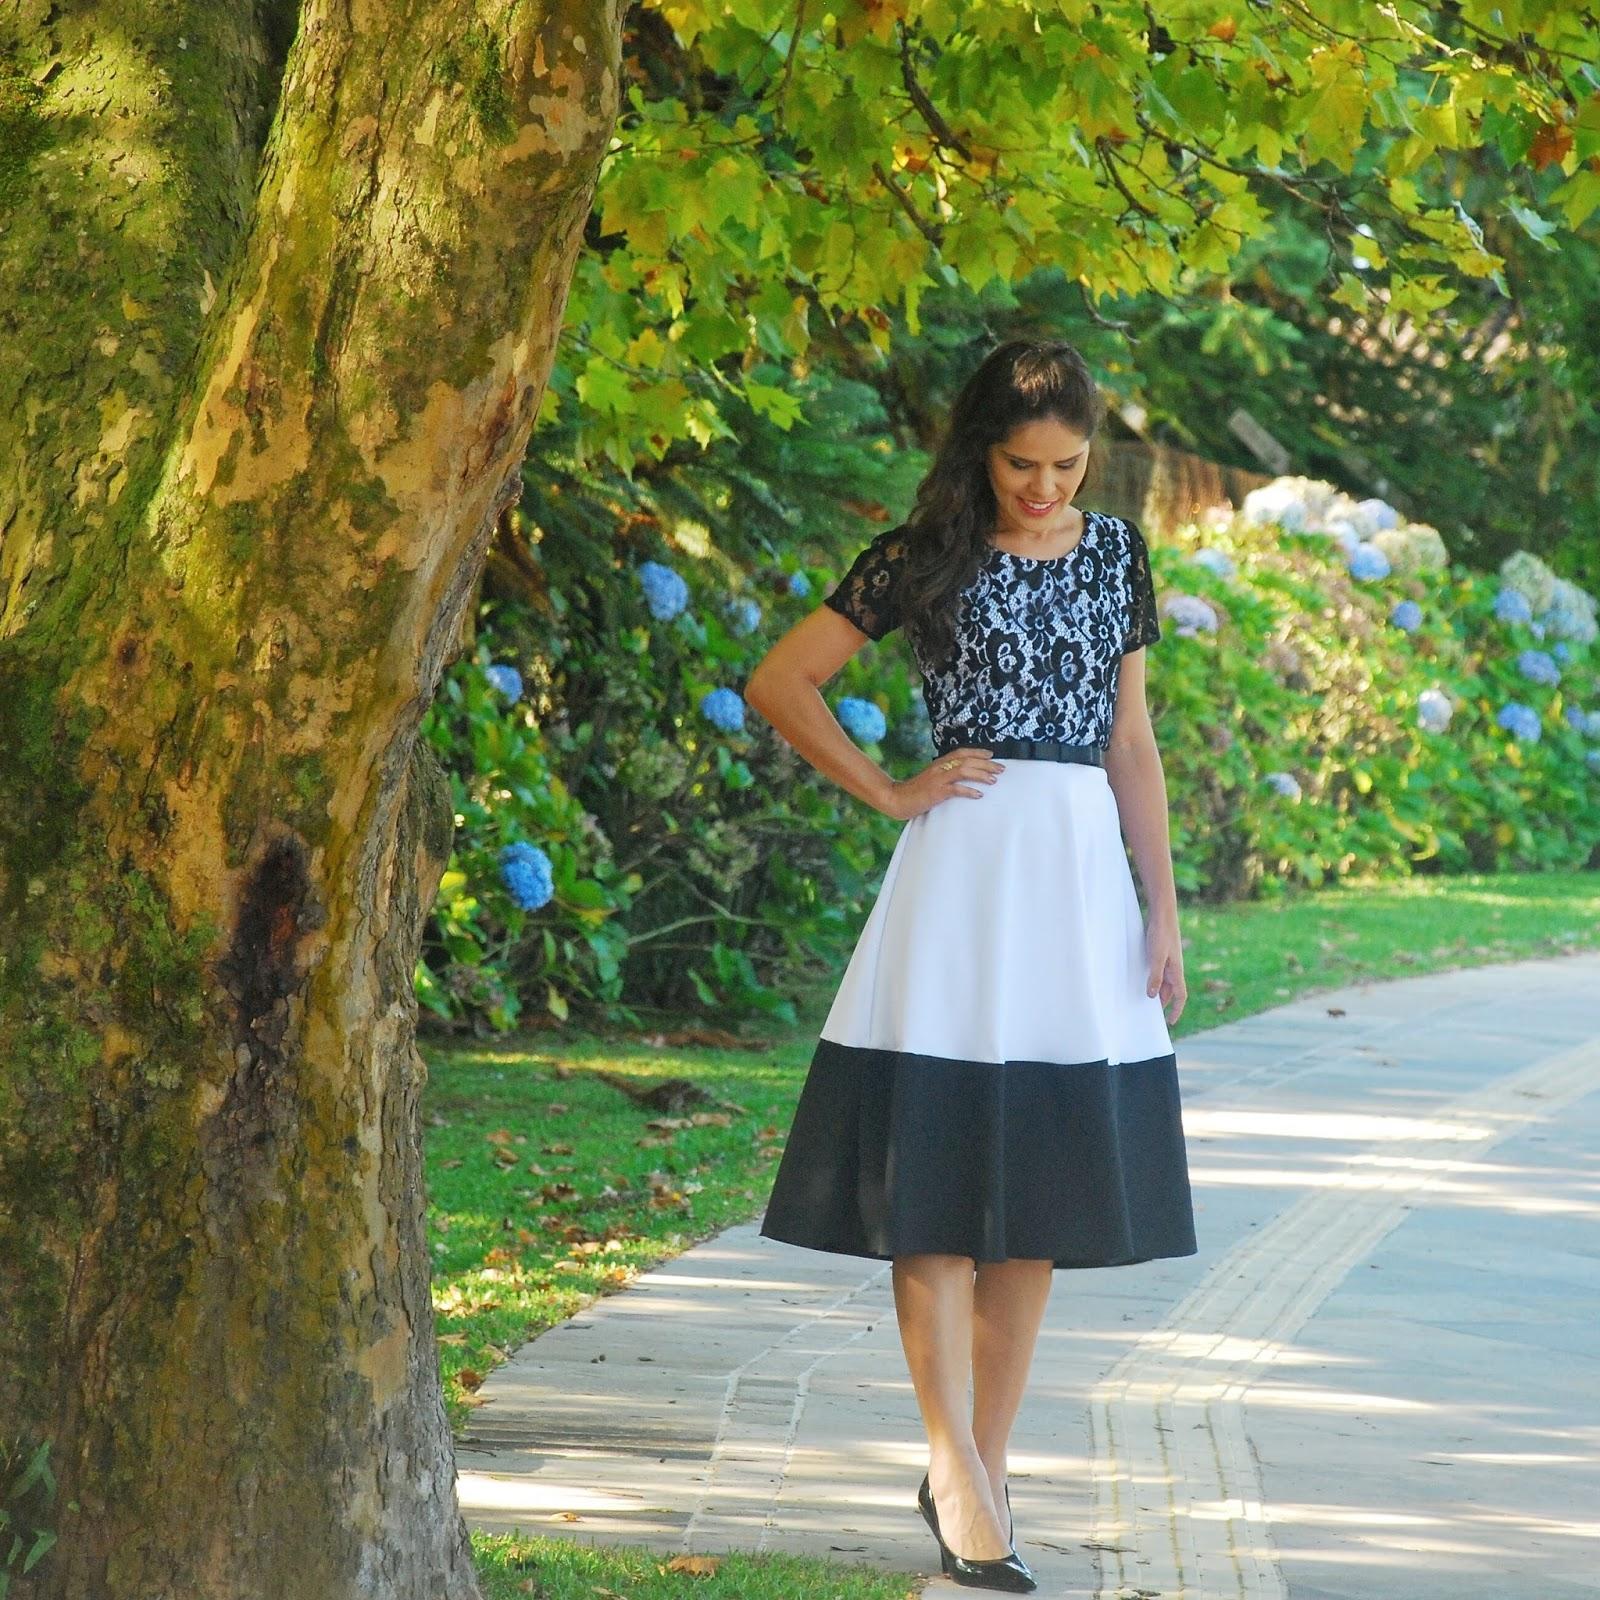 Saia Midi de Cerejinhas da Midi Modas -blog estilo modas e manias